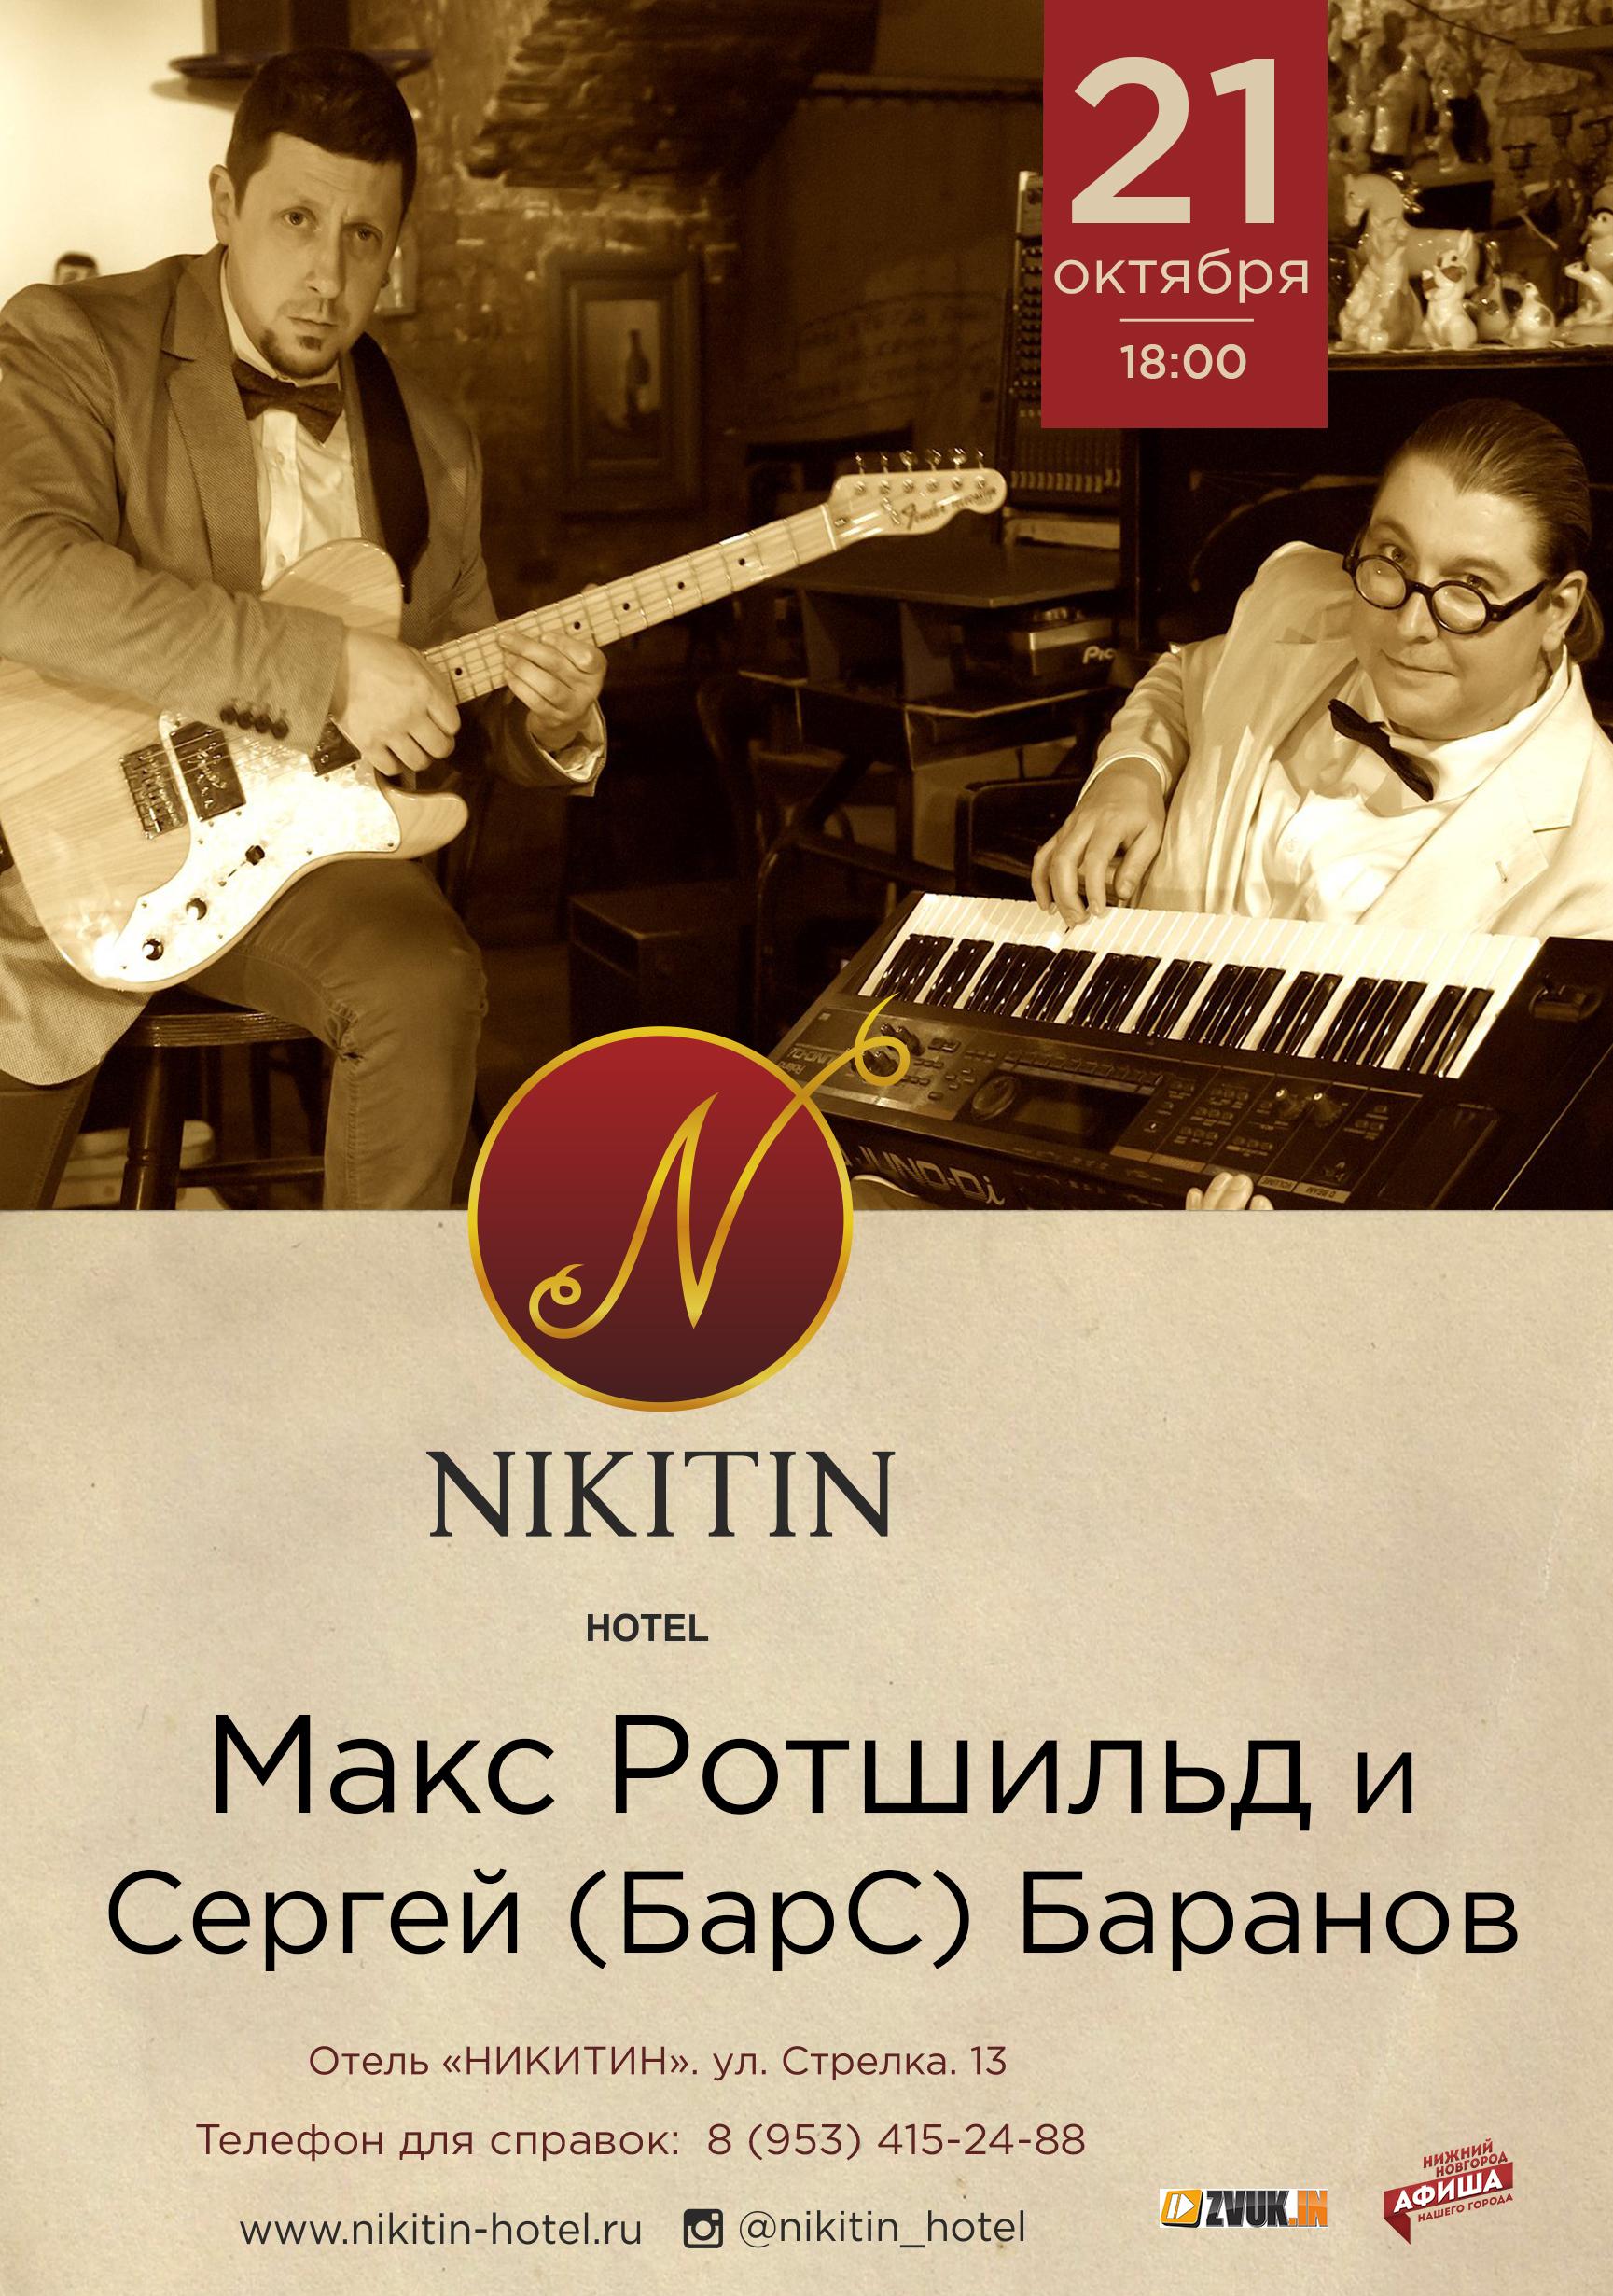 Макс Ротшильд и Сергей (БарС) Баранов